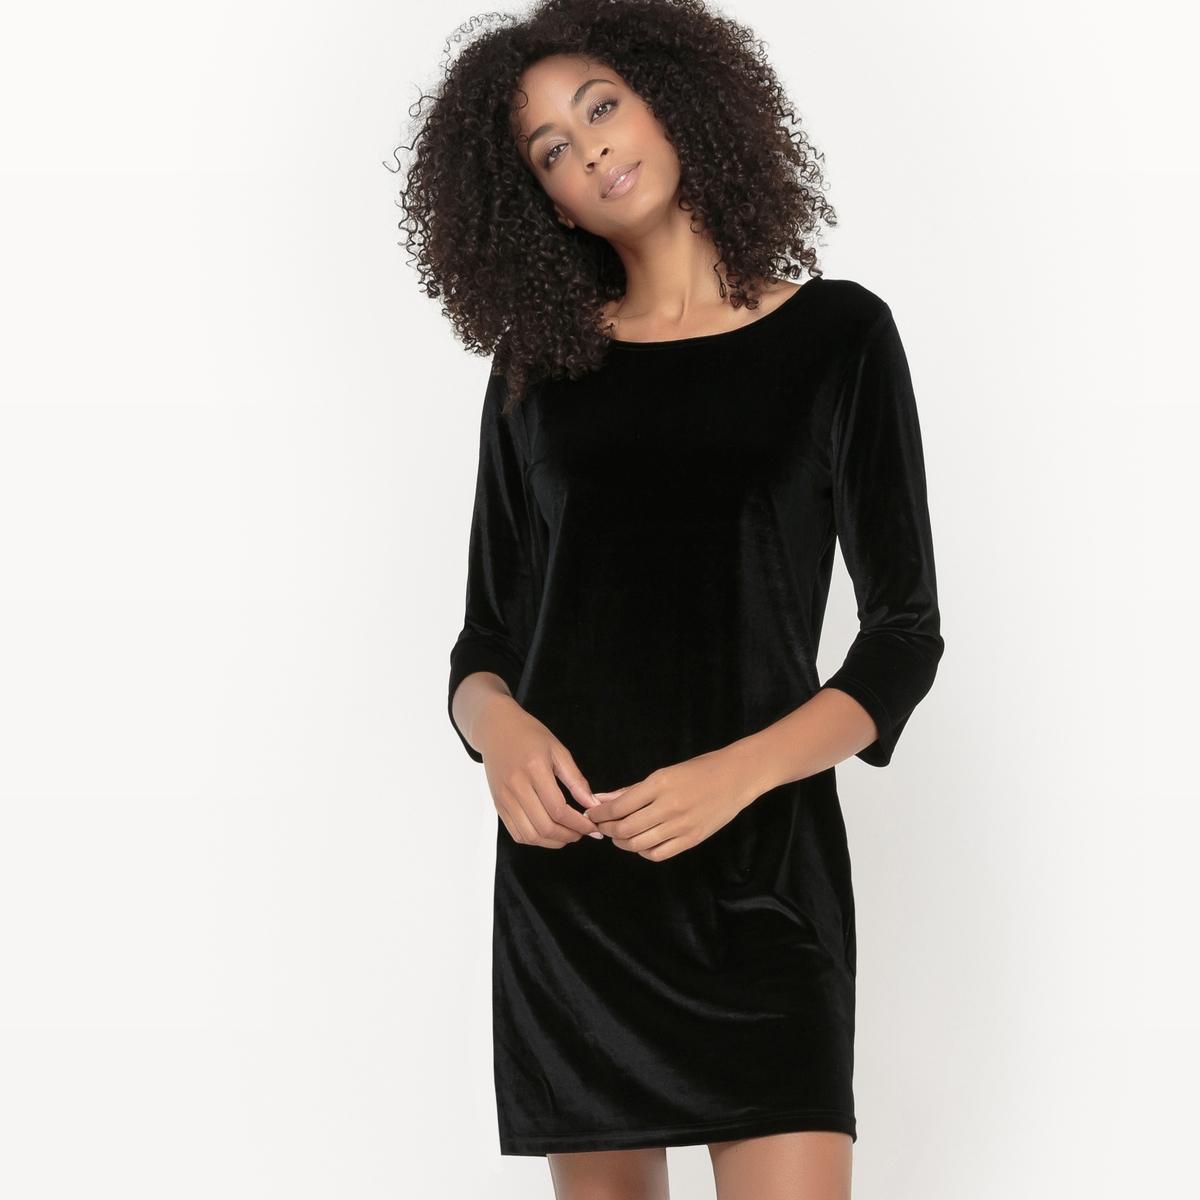 Платье с рукавами 3/4 VISIENNA DRESSСостав и описание :Материал : 95% полиэстер, 5% эластанМарка : VILA.<br><br>Цвет: зеленый,черный<br>Размер: S